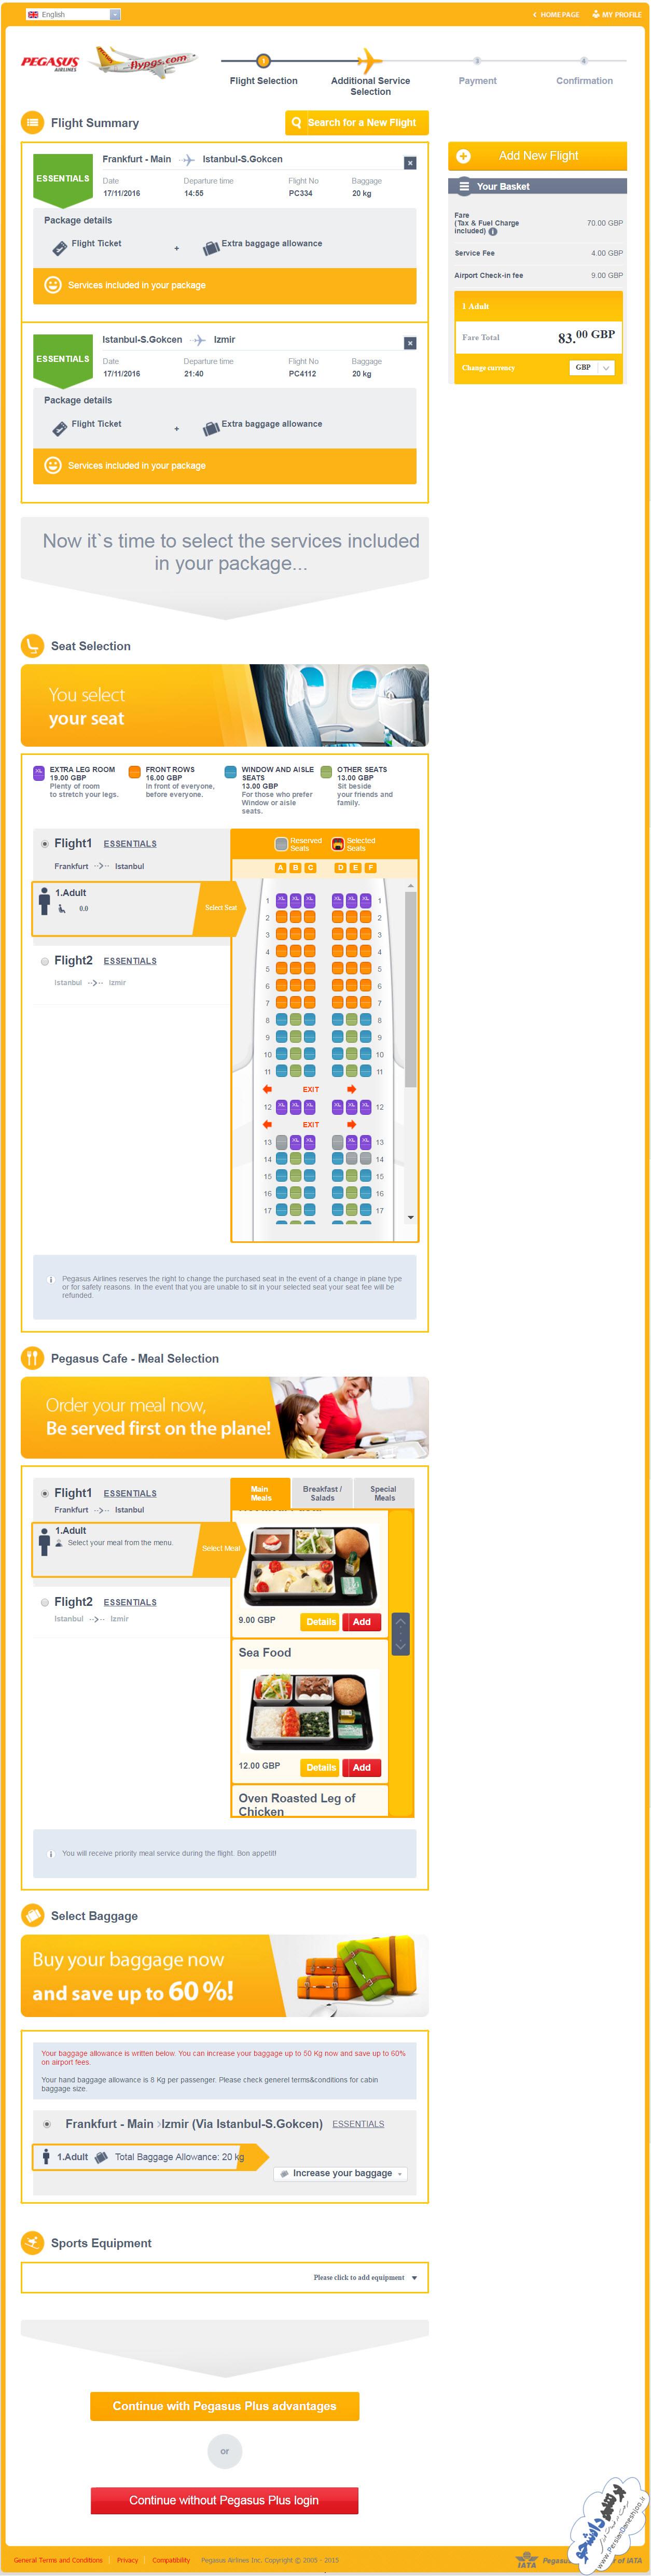 خرید بلیط هواپیمای خارجی